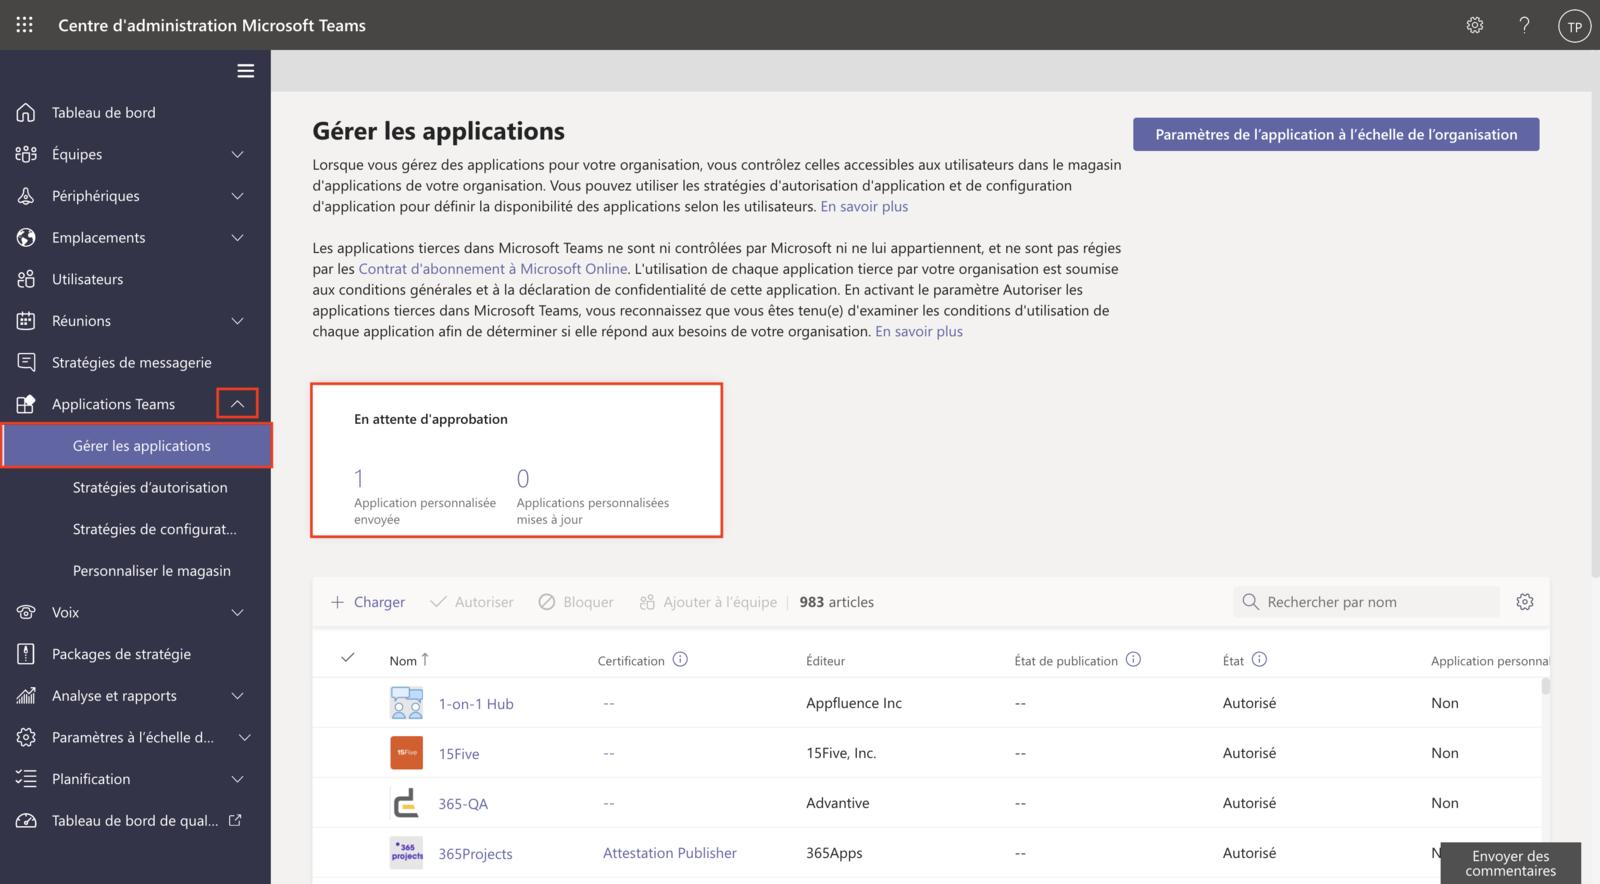 Approbation de l'application (1)